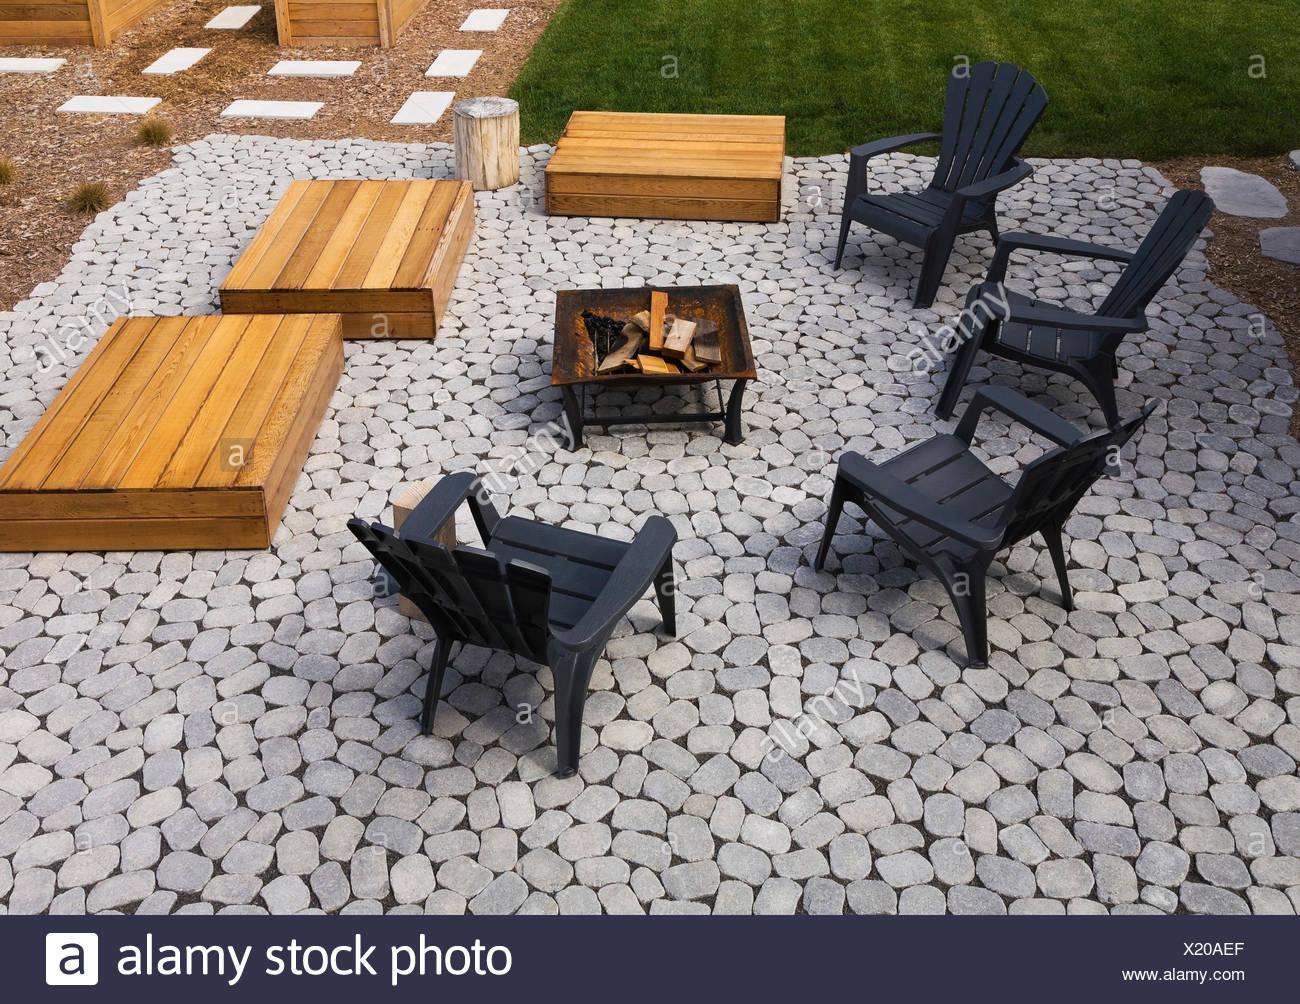 Feuerstelle Garten Rund : Offene feuerstelle im garten bauen naturstein rund sind